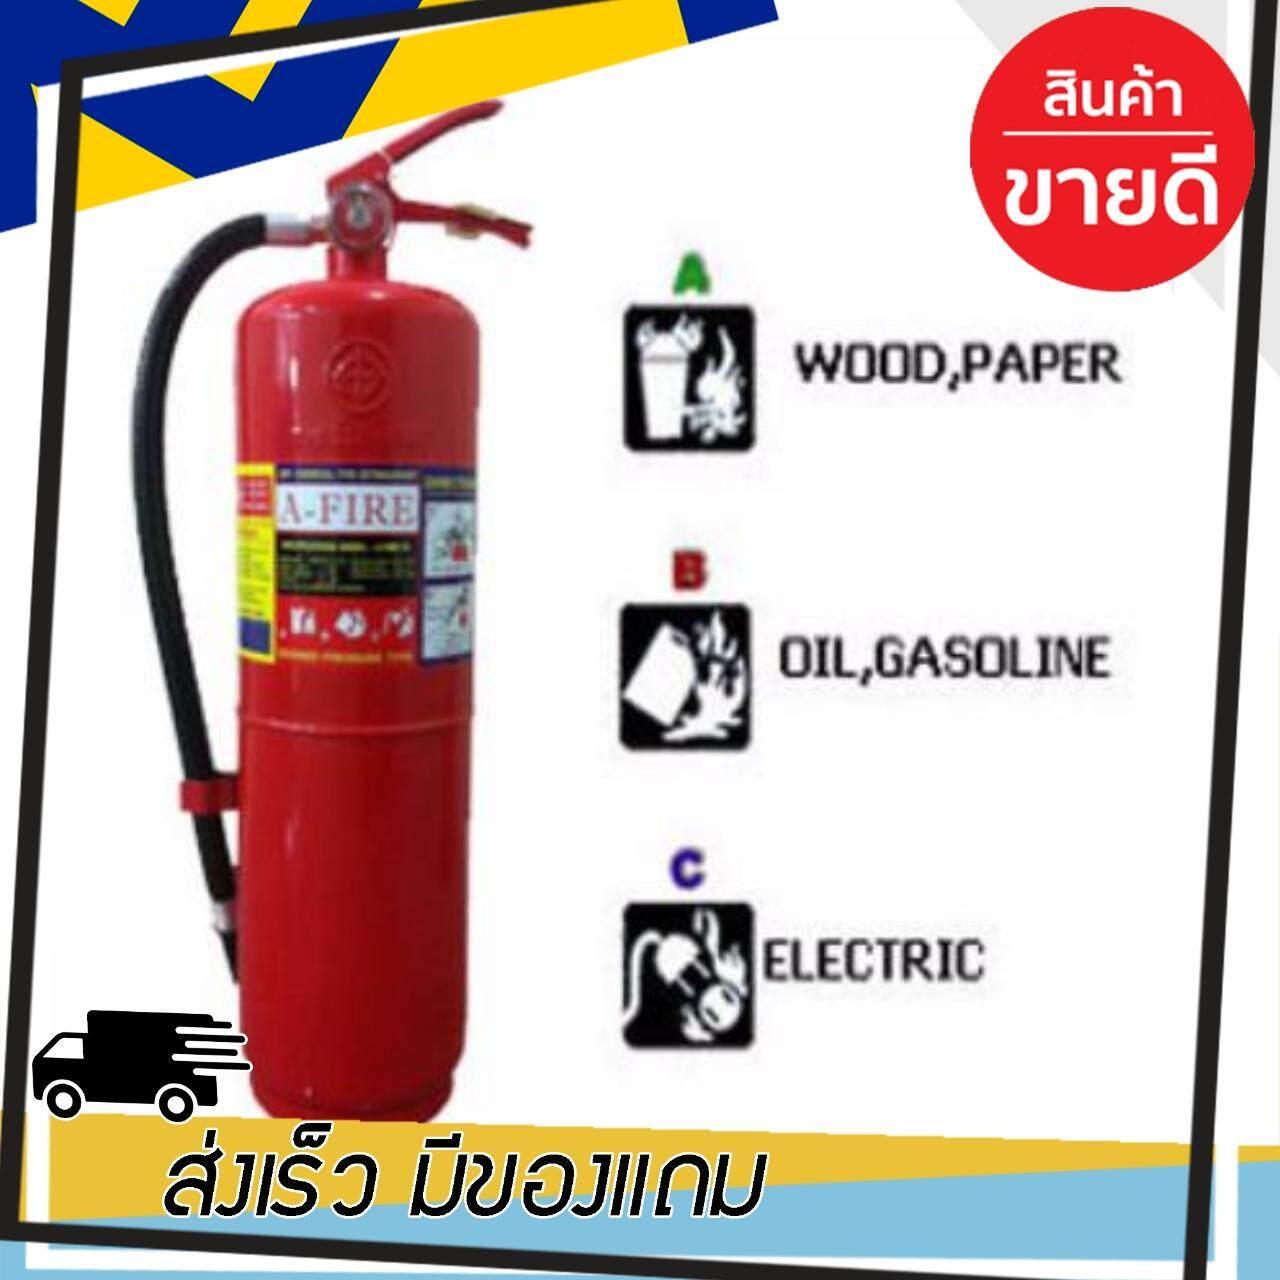 ((พร้อมส่ง)) เครื่องดับเพลิงชนิดผงเคมีแห้ง ขนาด 10 ปอนด์ 4A5B AFIRE อุปกรณ์ความปลอดภัย อุปกรณ์ เซฟตี้ อุปกรณ์ safety อุปกรณ์ ความ ปลอดภัย ร้าน ขาย อุปกรณ์ เซฟตี้ ร้าน ขาย อุปกรณ์ safety จำหน่าย อุปกรณ์ เซฟตี้ ป้าย safety ร้าน อุปกรณ์ เซฟตี้ วัสดุ ก่อสร